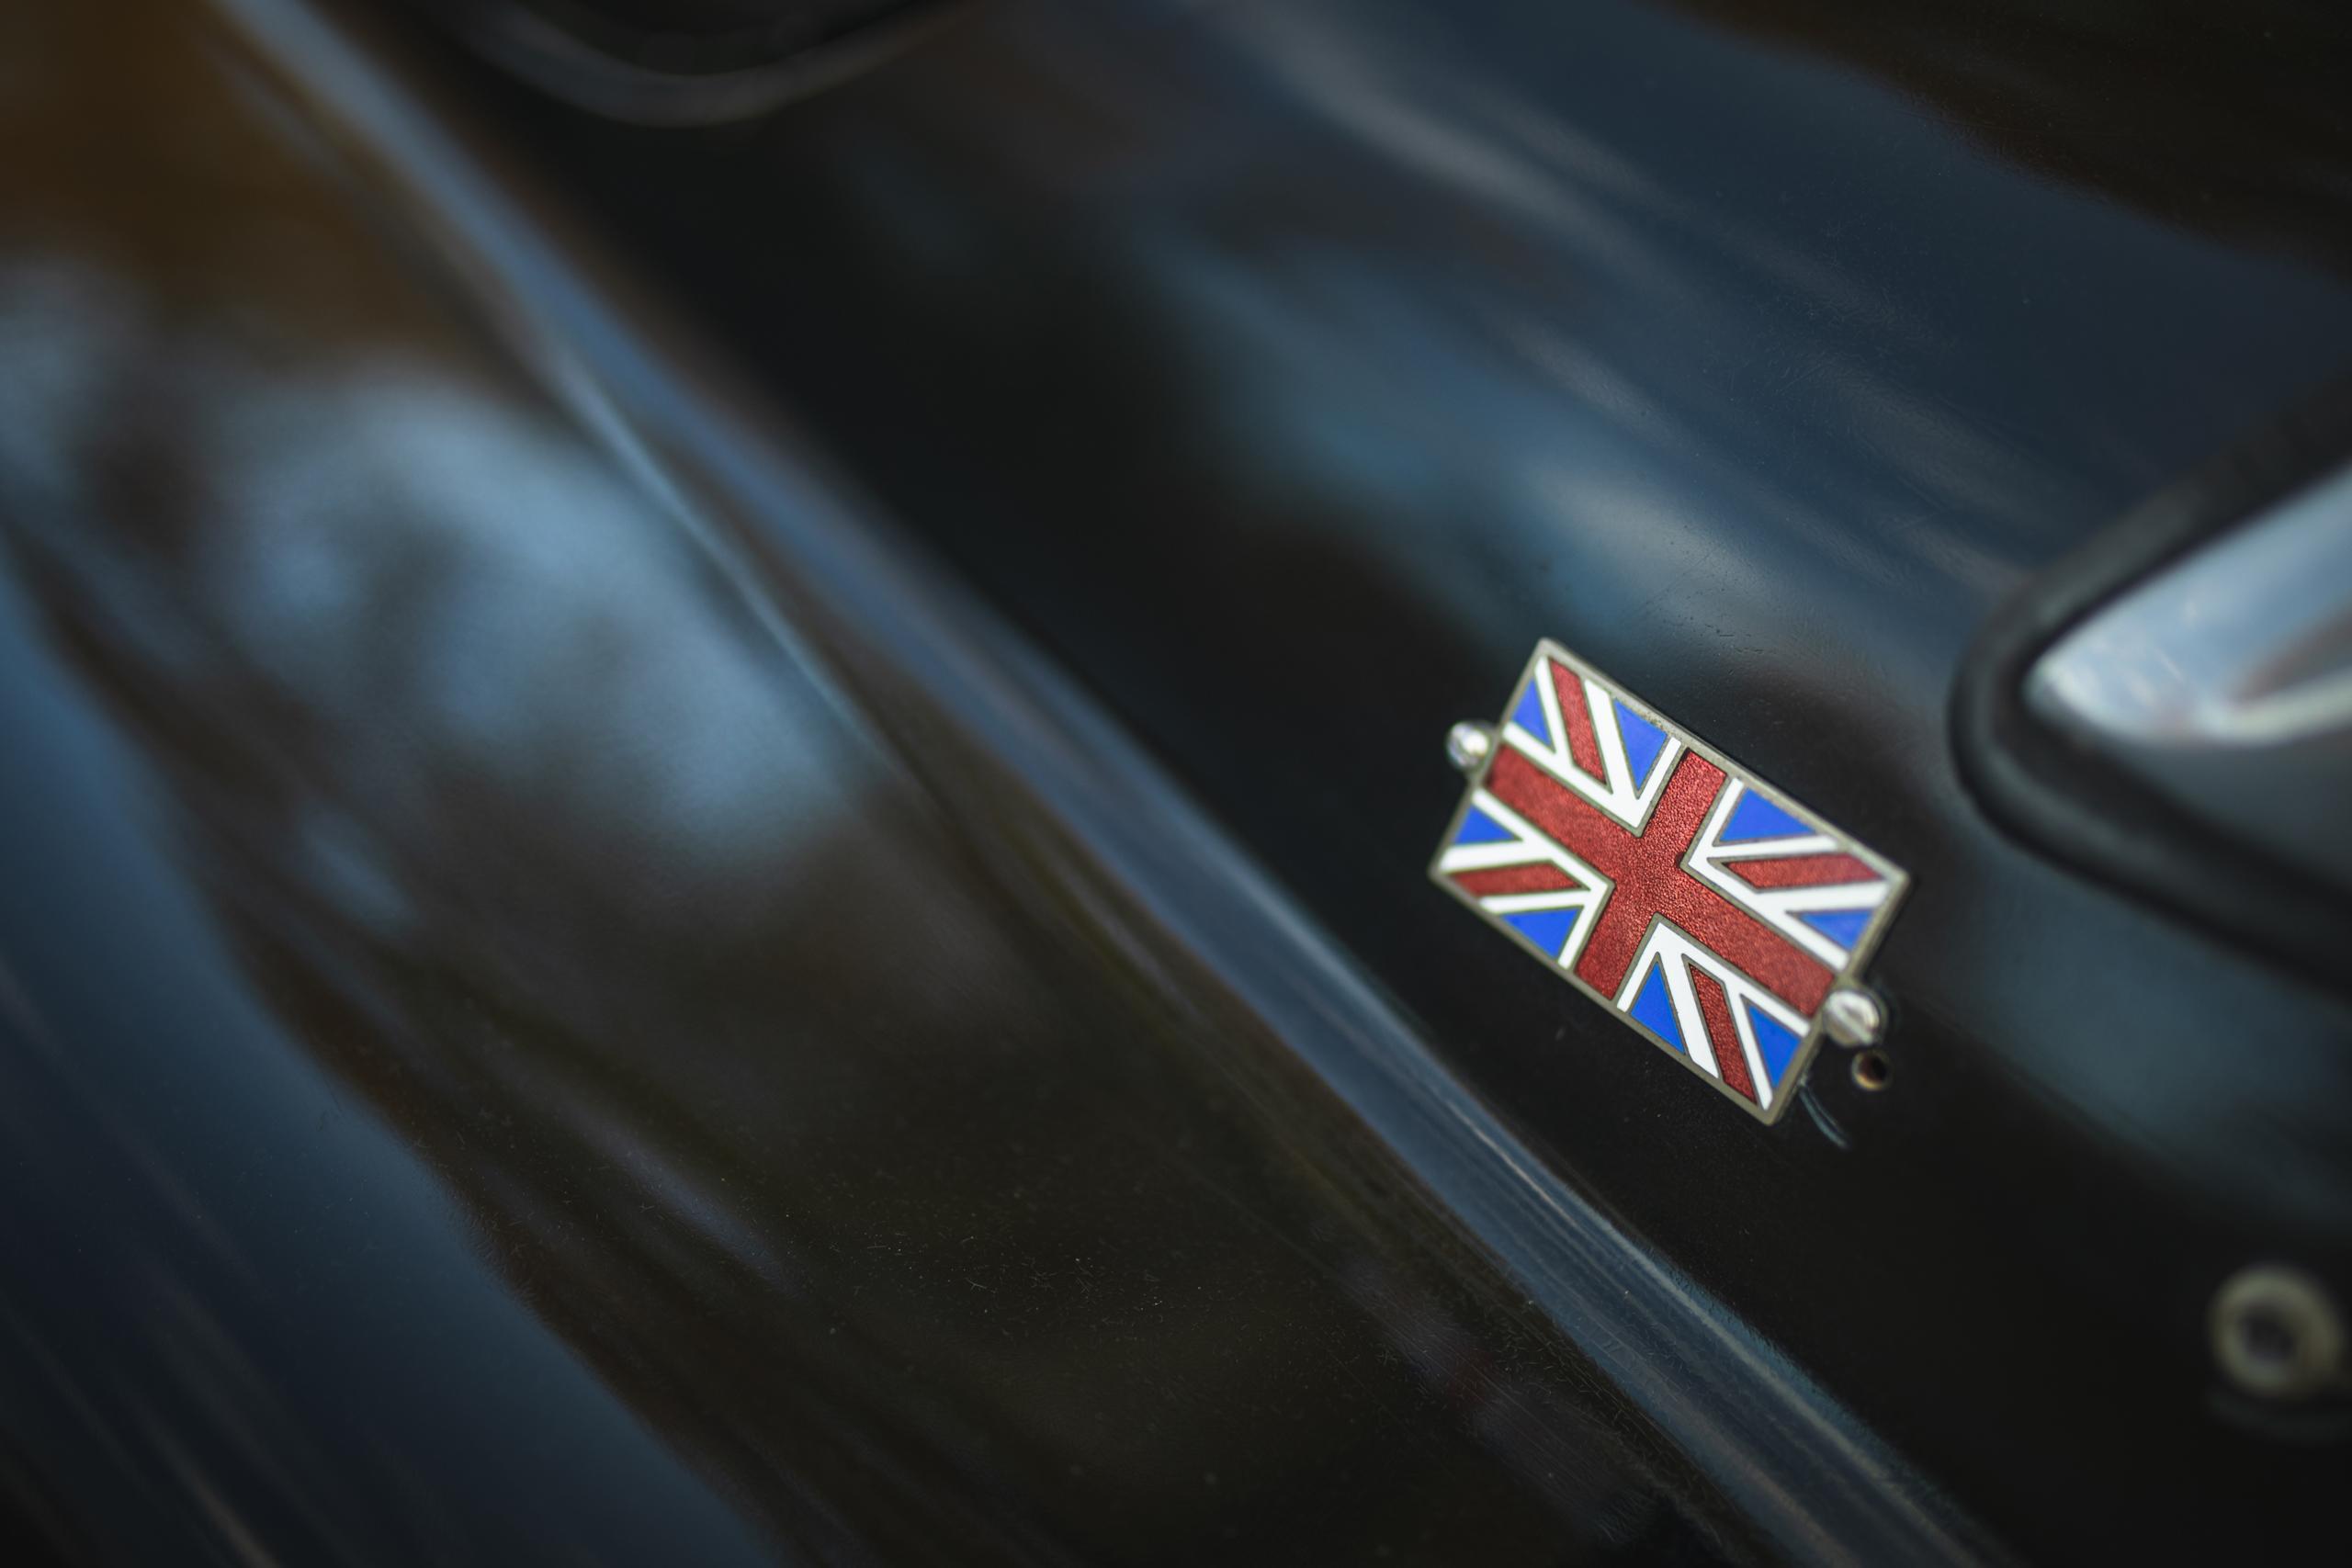 Jag XK120 union jack detail